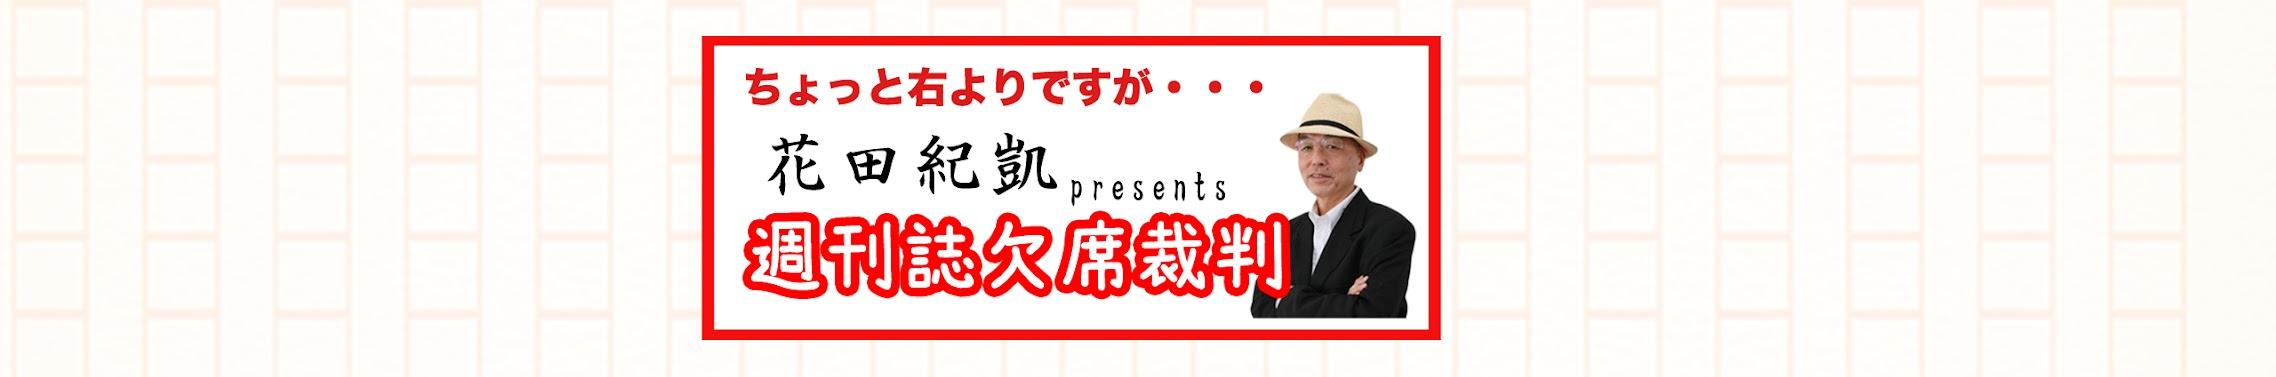 Hanada 月刊